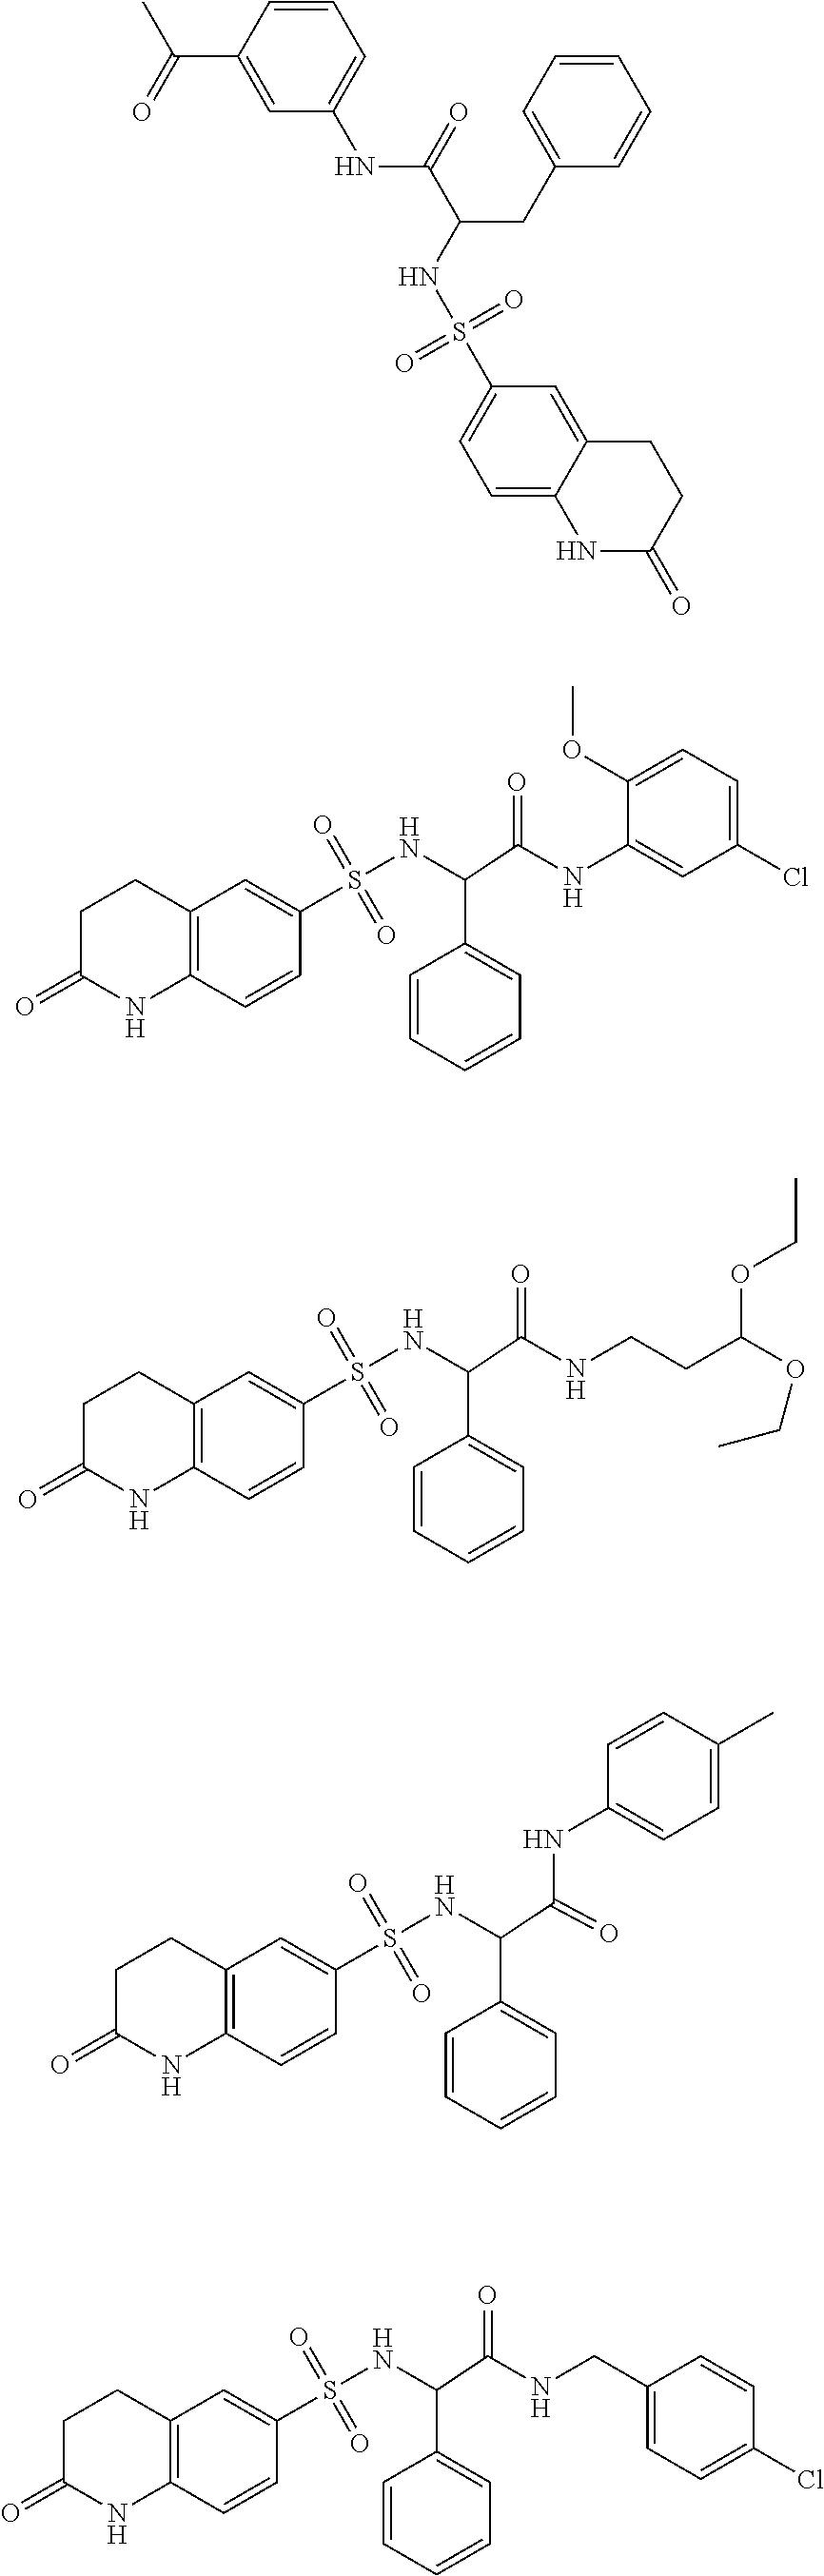 Figure US08957075-20150217-C00007